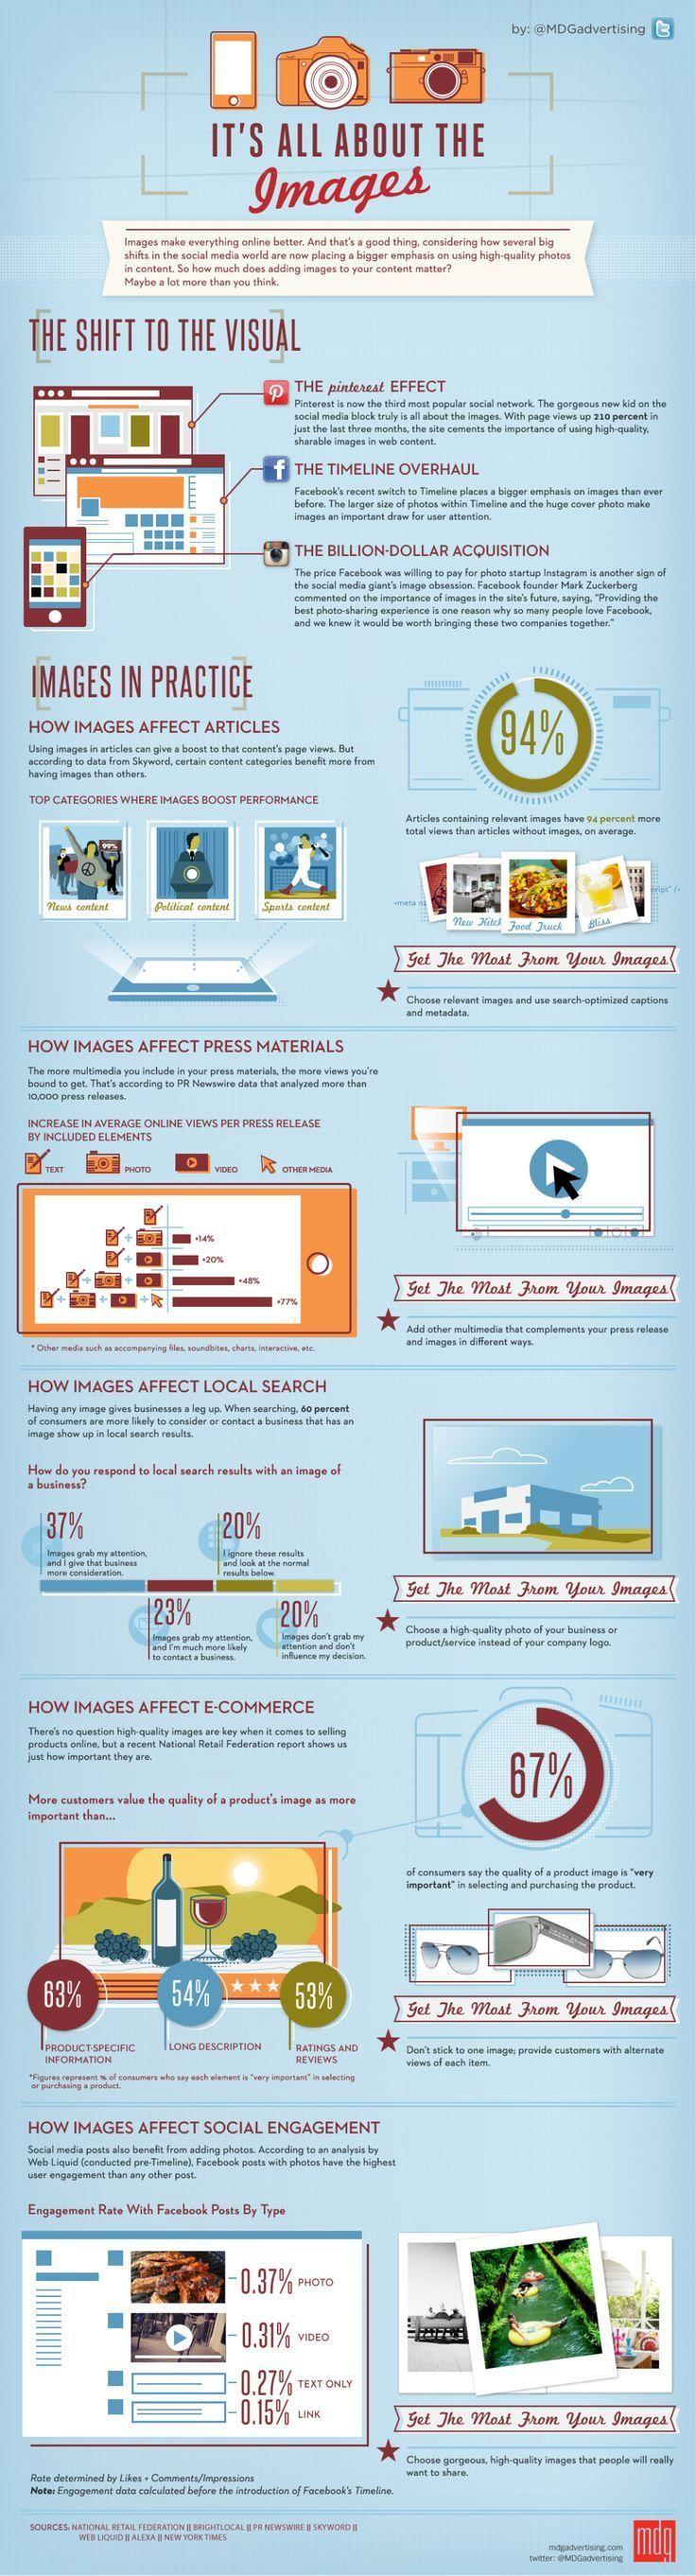 El poder de la imagen en las redes sociales #socialmedia #redessociales